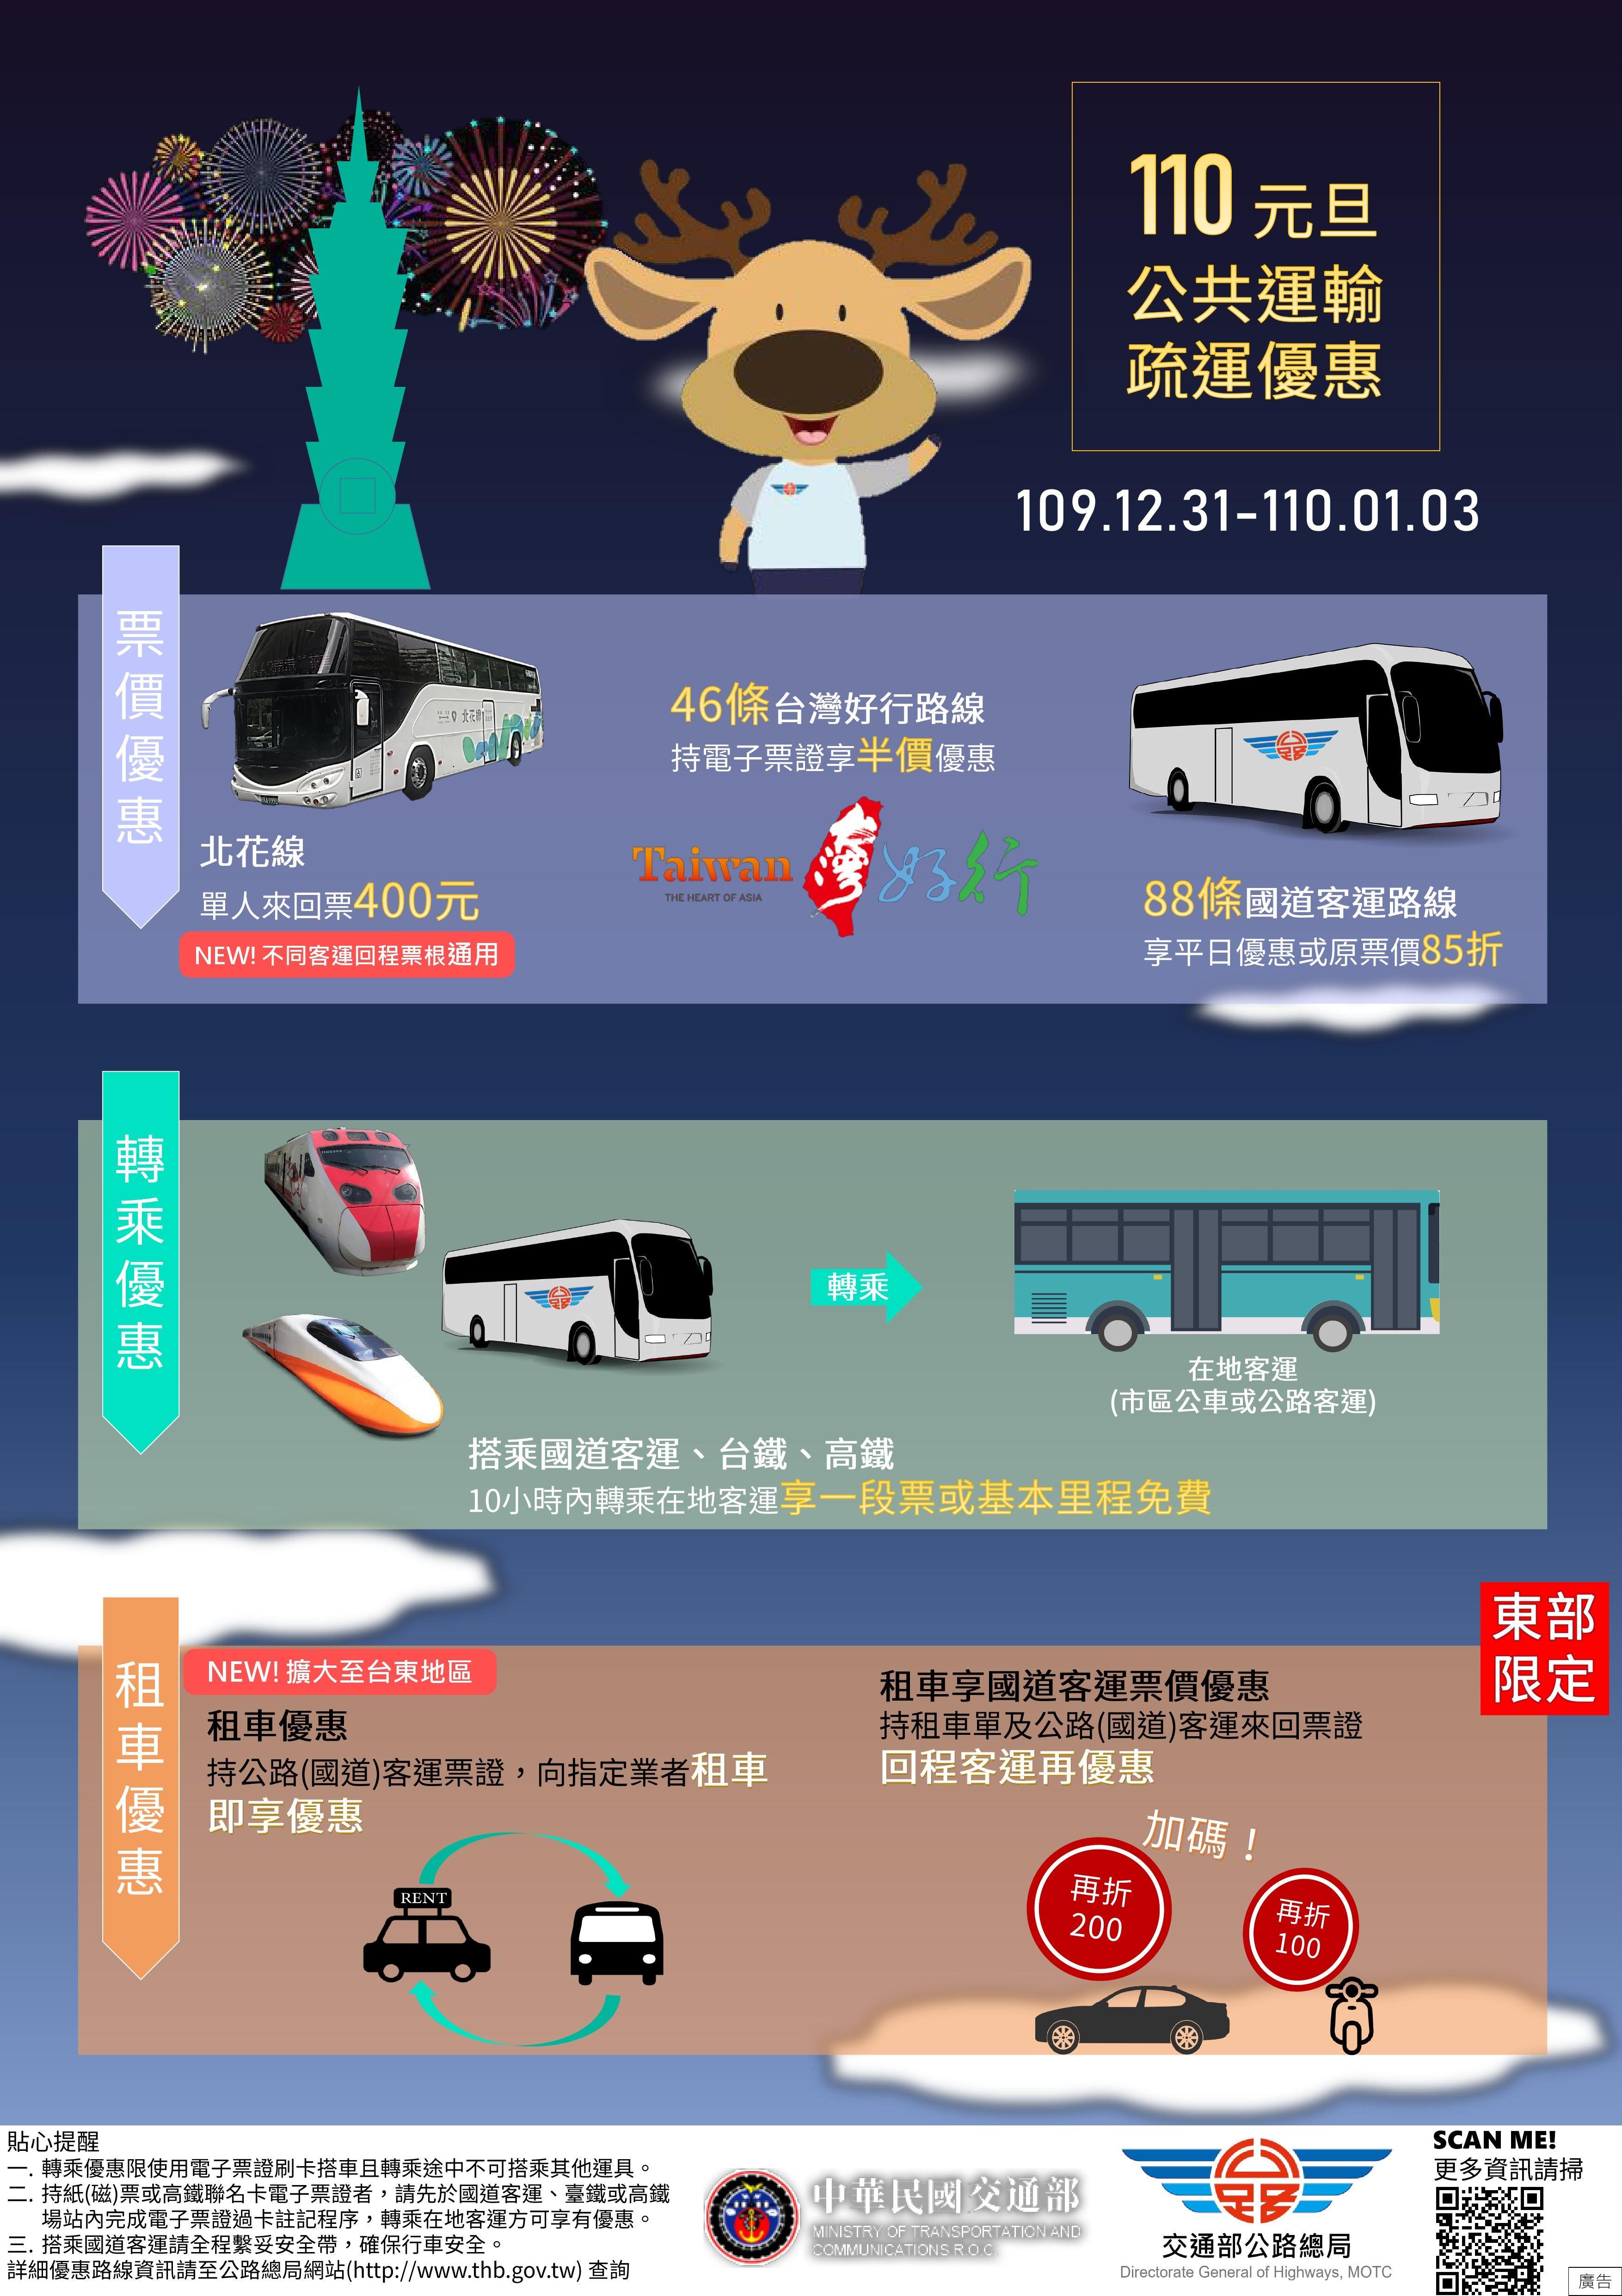 📣110年元旦連續假期  交通公路總局提供公路公共運輸多項優惠👈